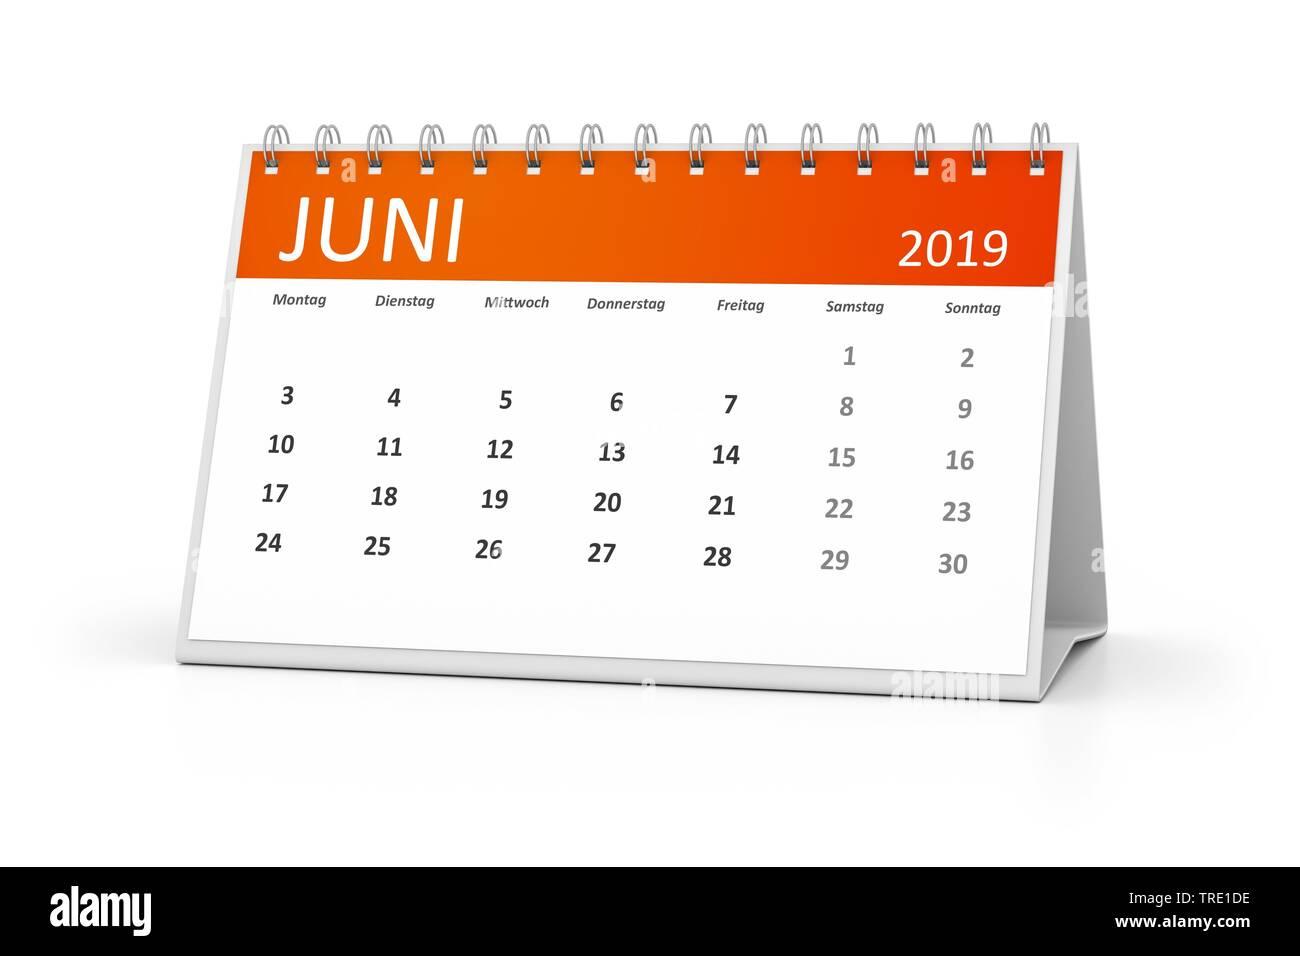 Kalenderblatt fuer den Juni 2019 | a table calendar for your events 2019 Juni 3d illustration, june | BLWS514581.jpg [ (c) blickwinkel/McPHOTO/M. Gann - Stock Image